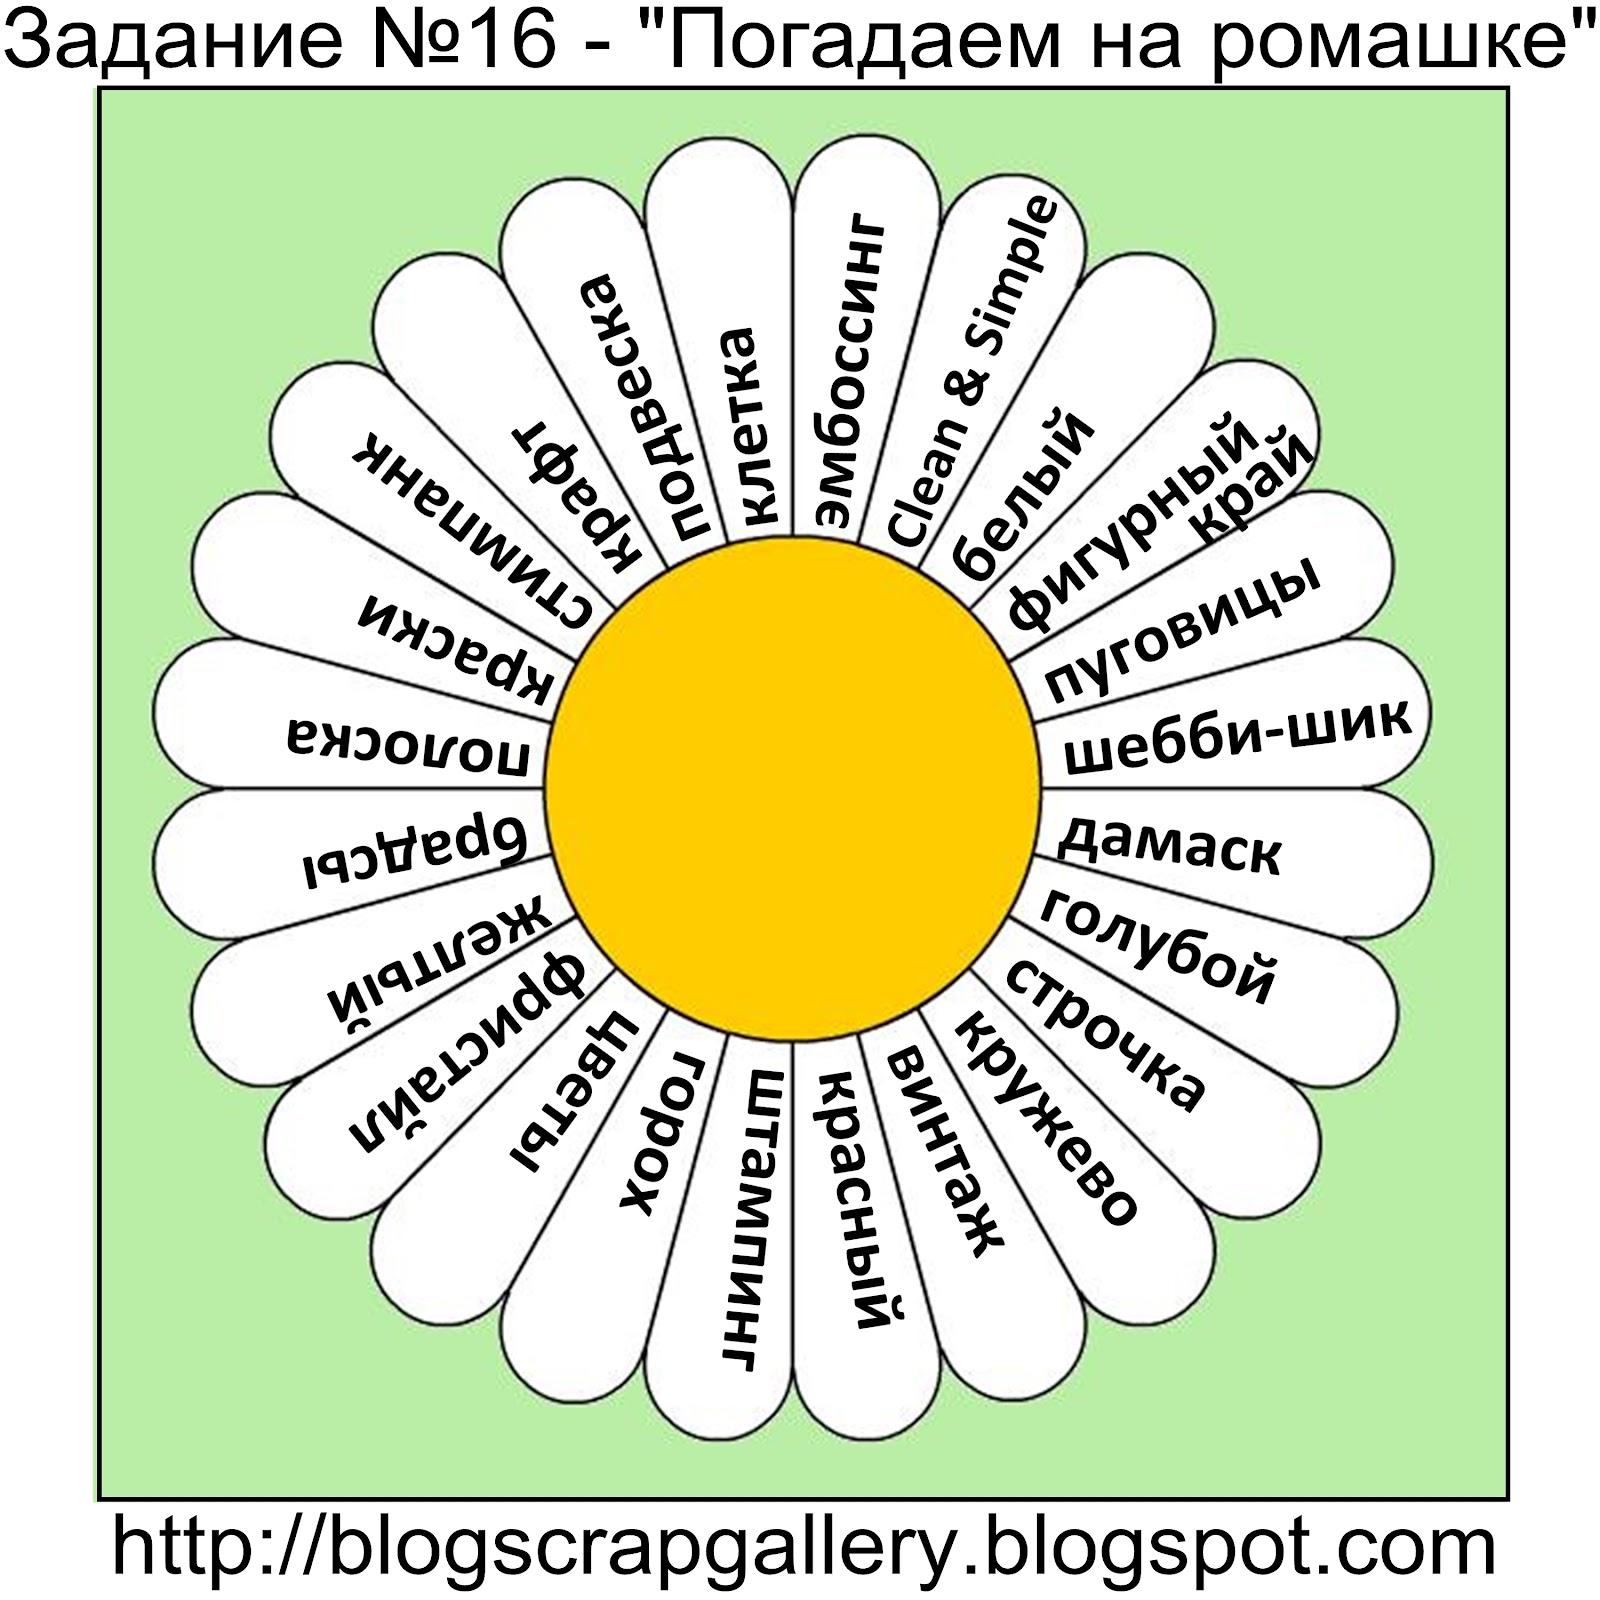 Картинки поздравления с днем рождения ромашки - Pinterest 67